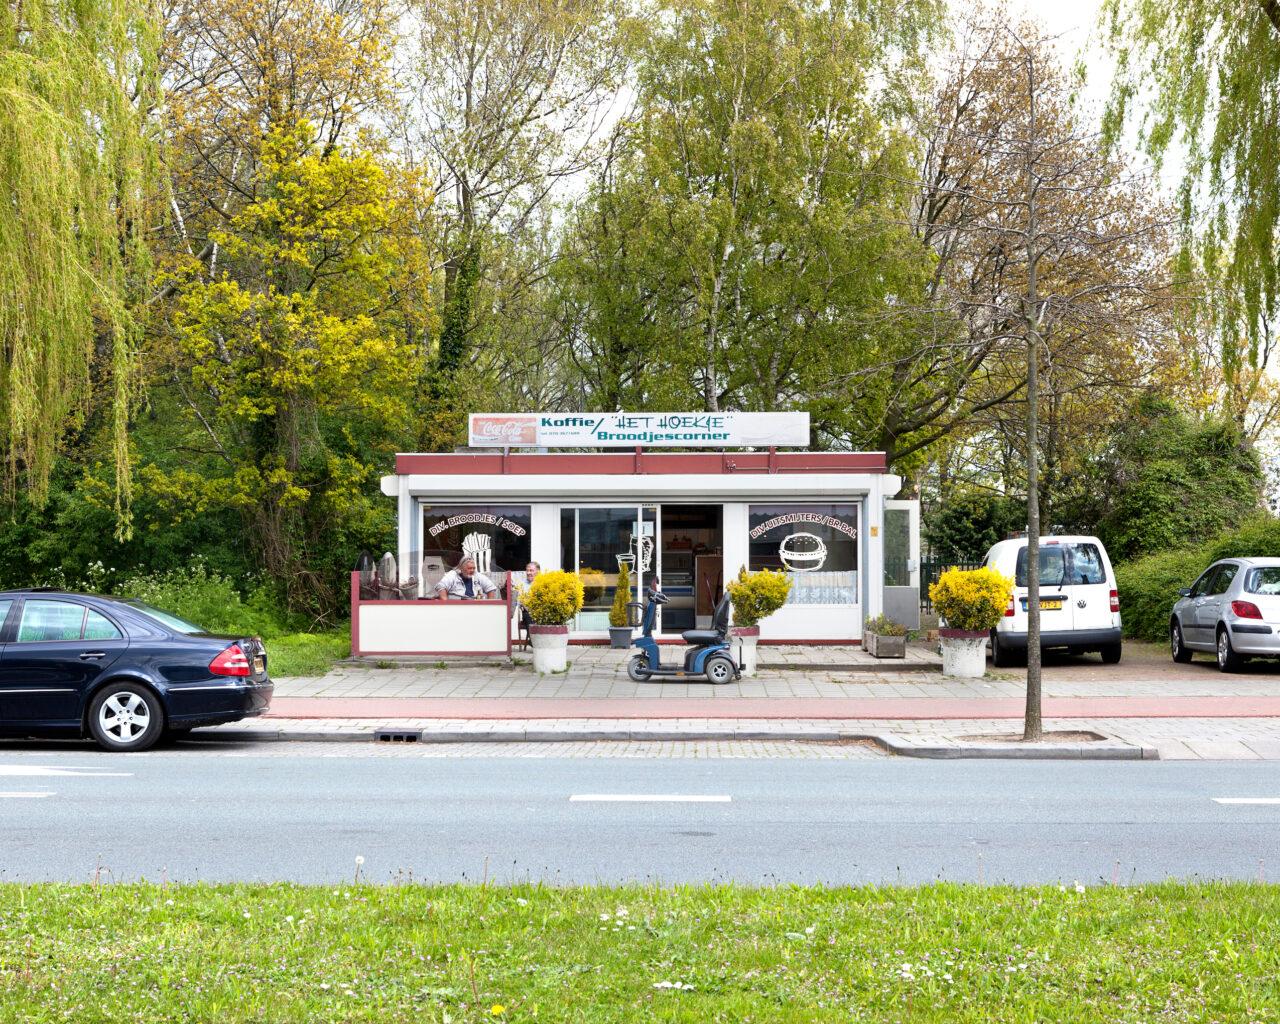 Het Hoekie -Zichtenburglaan 16a. De pot koffie is inmiddels ingeruild voor een modern apparaat, 'om te overleven.'